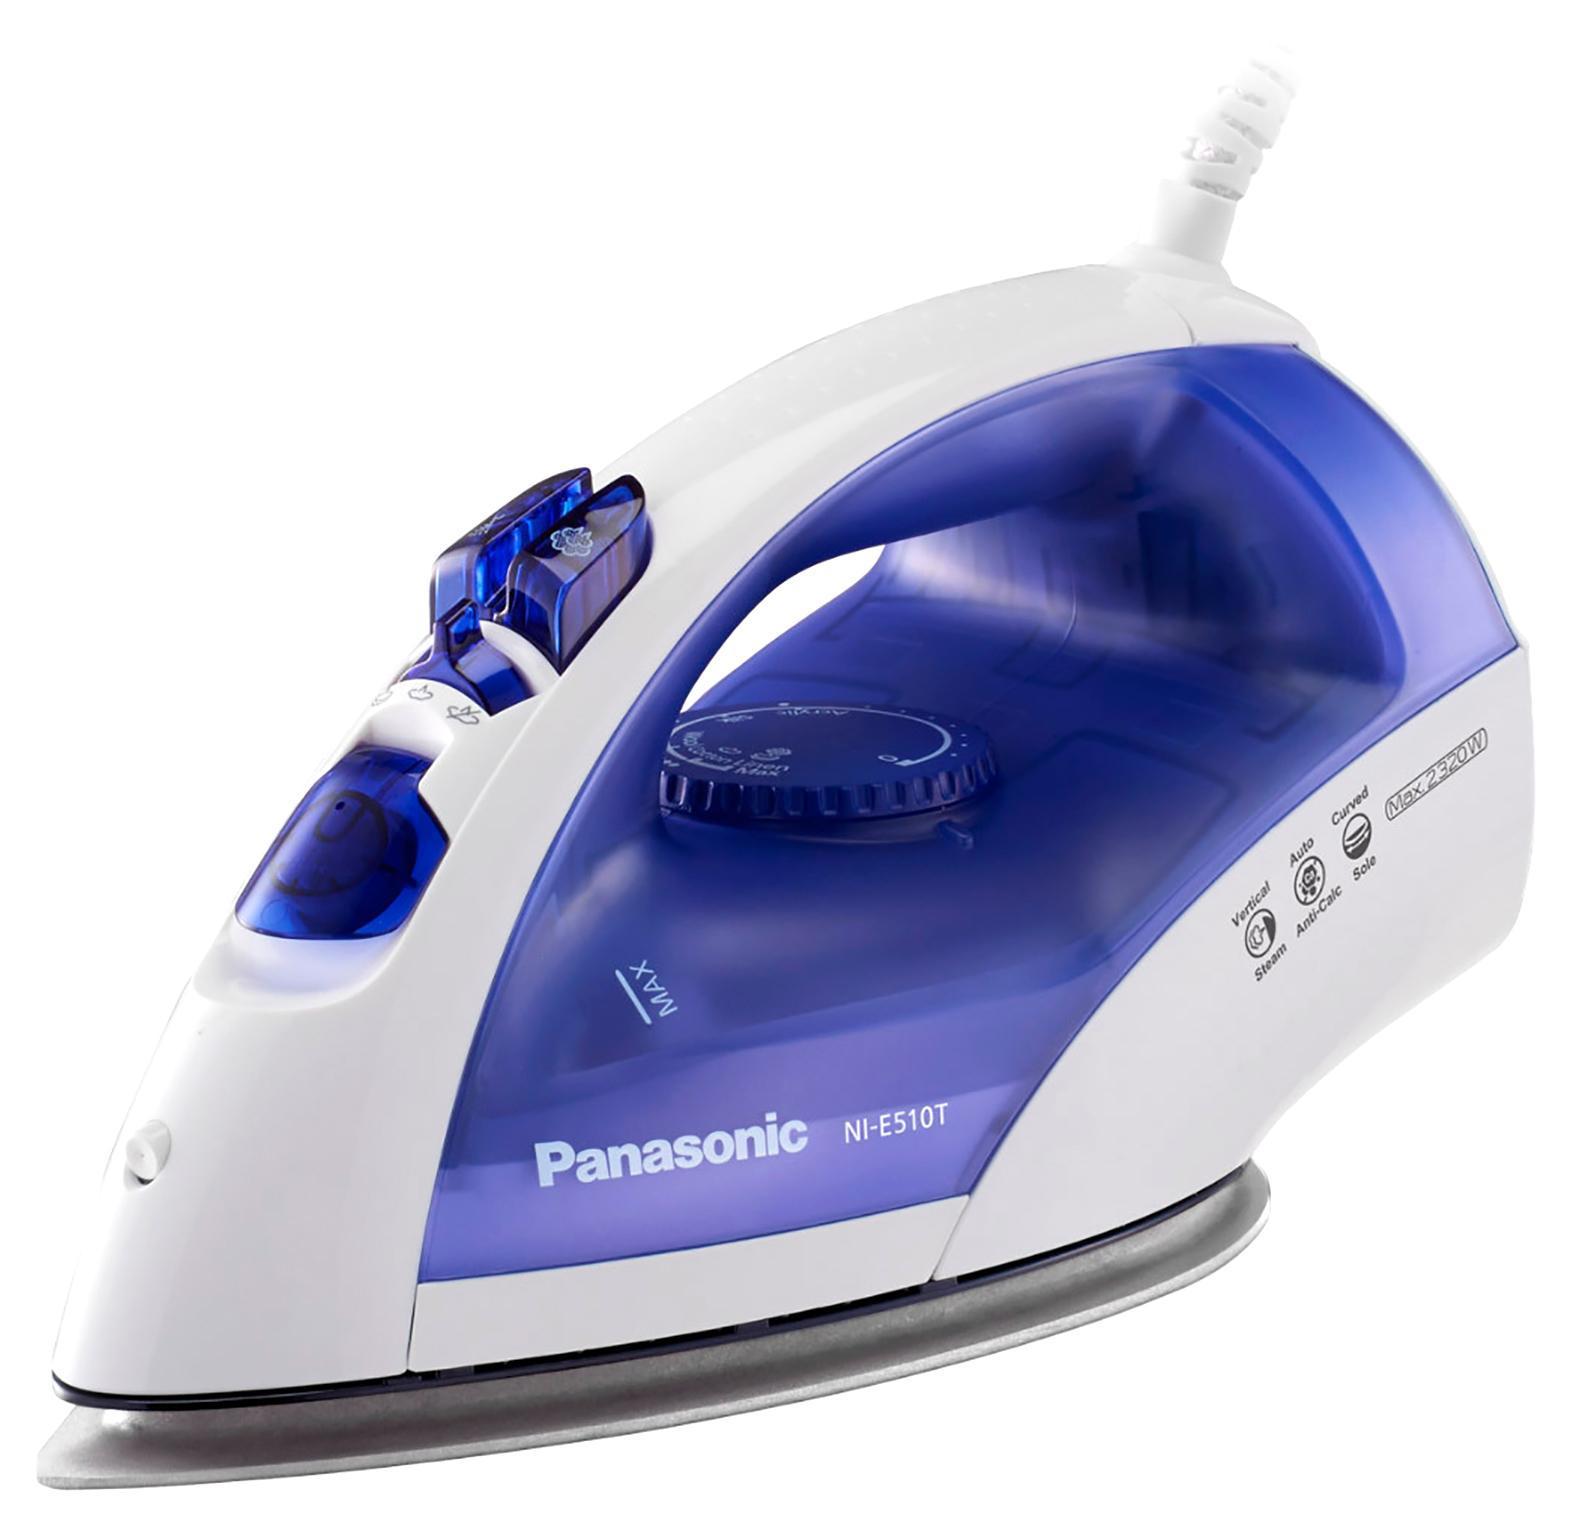 Panasonic NI-E510TDTW утюгNI-E510TDTWУтюг отличается хорошей функциональностью и низкой ценой. Его мощность в 2380 Вт обеспечивает быстрый нагрев подошвы и интенсивную подачу пара. Подошва выполнена из титана и отлично скользит по любому материалу. Далеко не каждую вещь удобно разглаживать на доске, а благодаря возможности вертикального использования одежду можно отпаривать непосредственно на вешалке. Если одежда пересохла, воспользуйтесь функцией разбрызгивания для равномерного увлажнения ткани. Подошва надежно защищена от протекания, так что во время глажки на вещах не возникнет мокрых разводов.